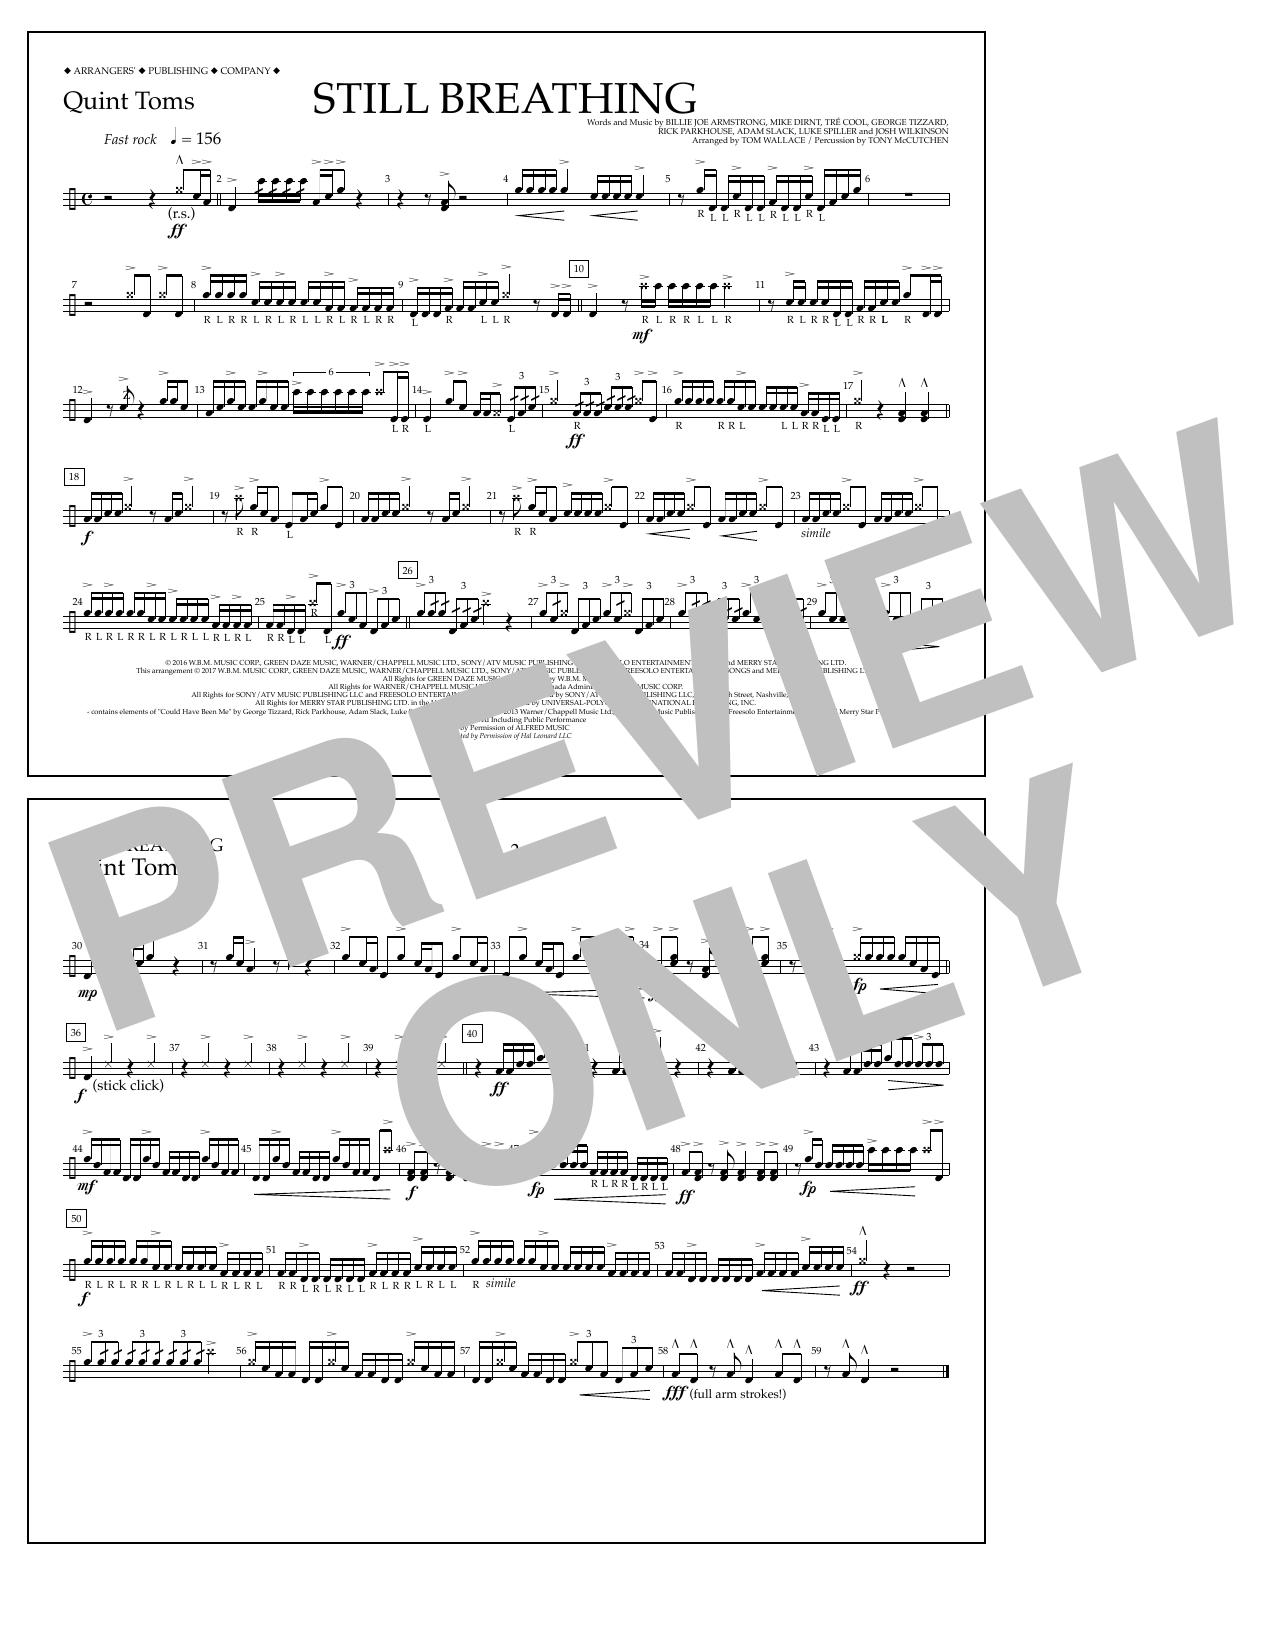 Still Breathing - Quint-Toms Sheet Music